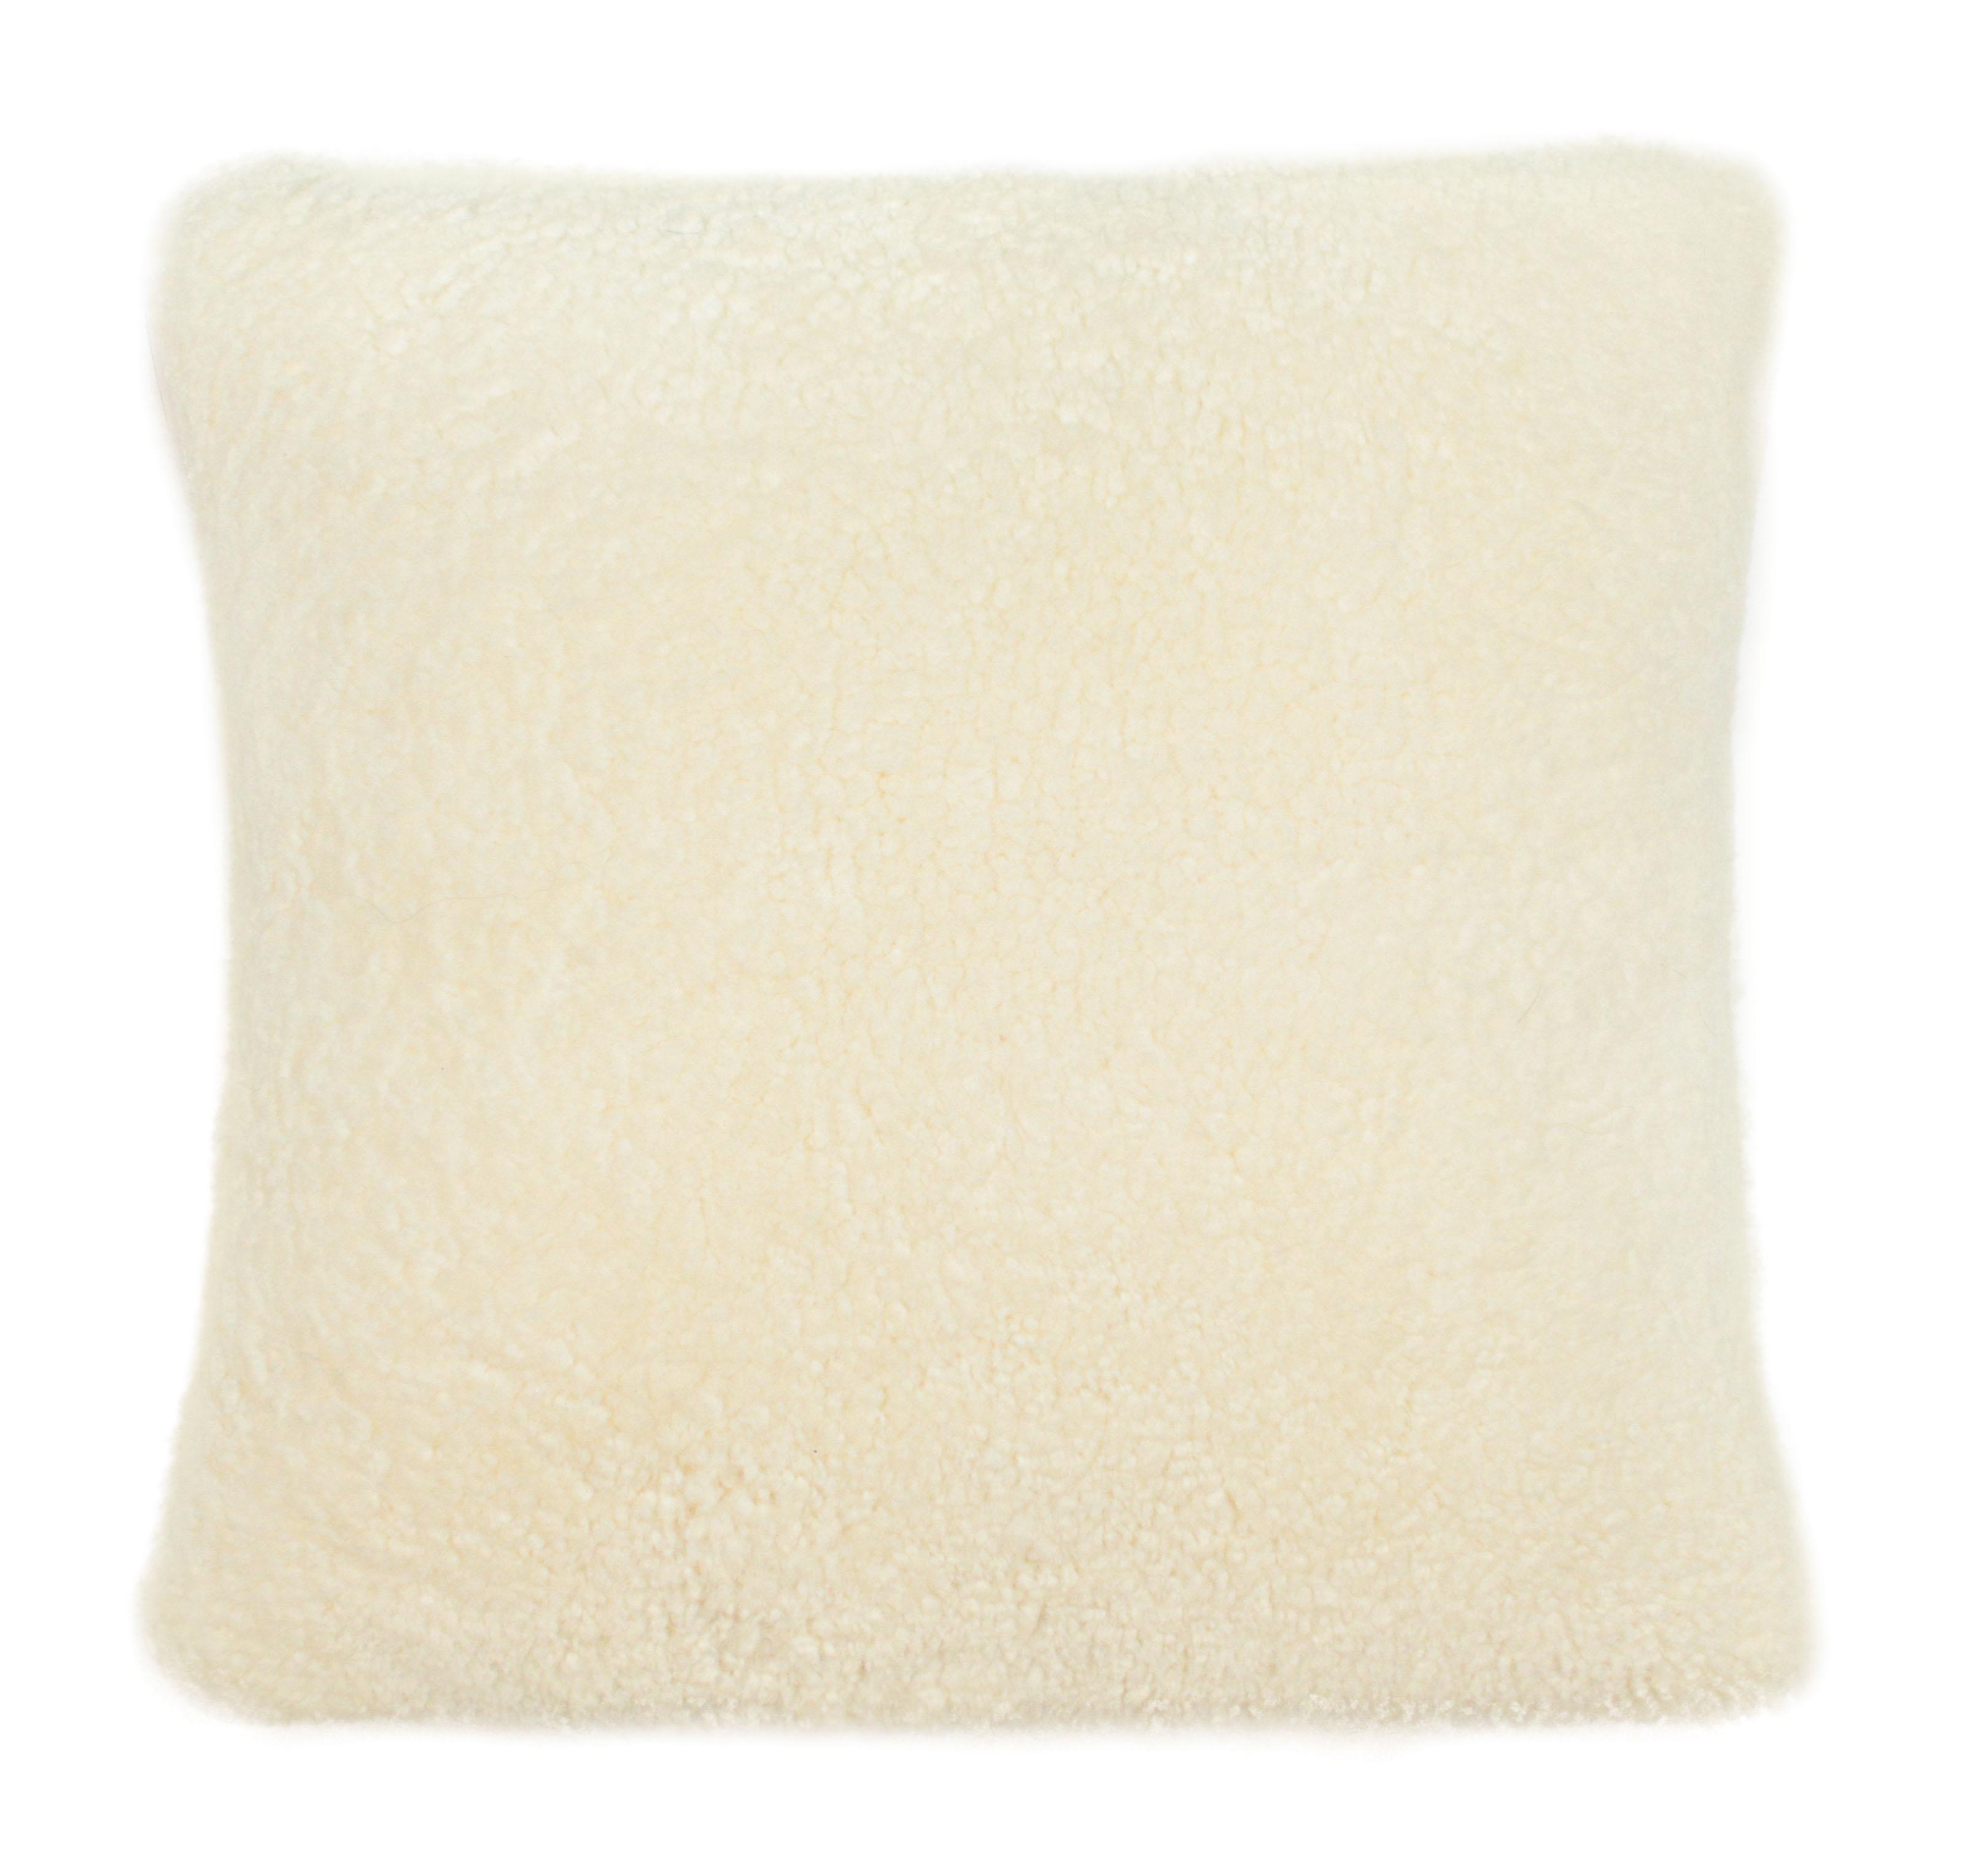 Queen Sheepskin Pillow